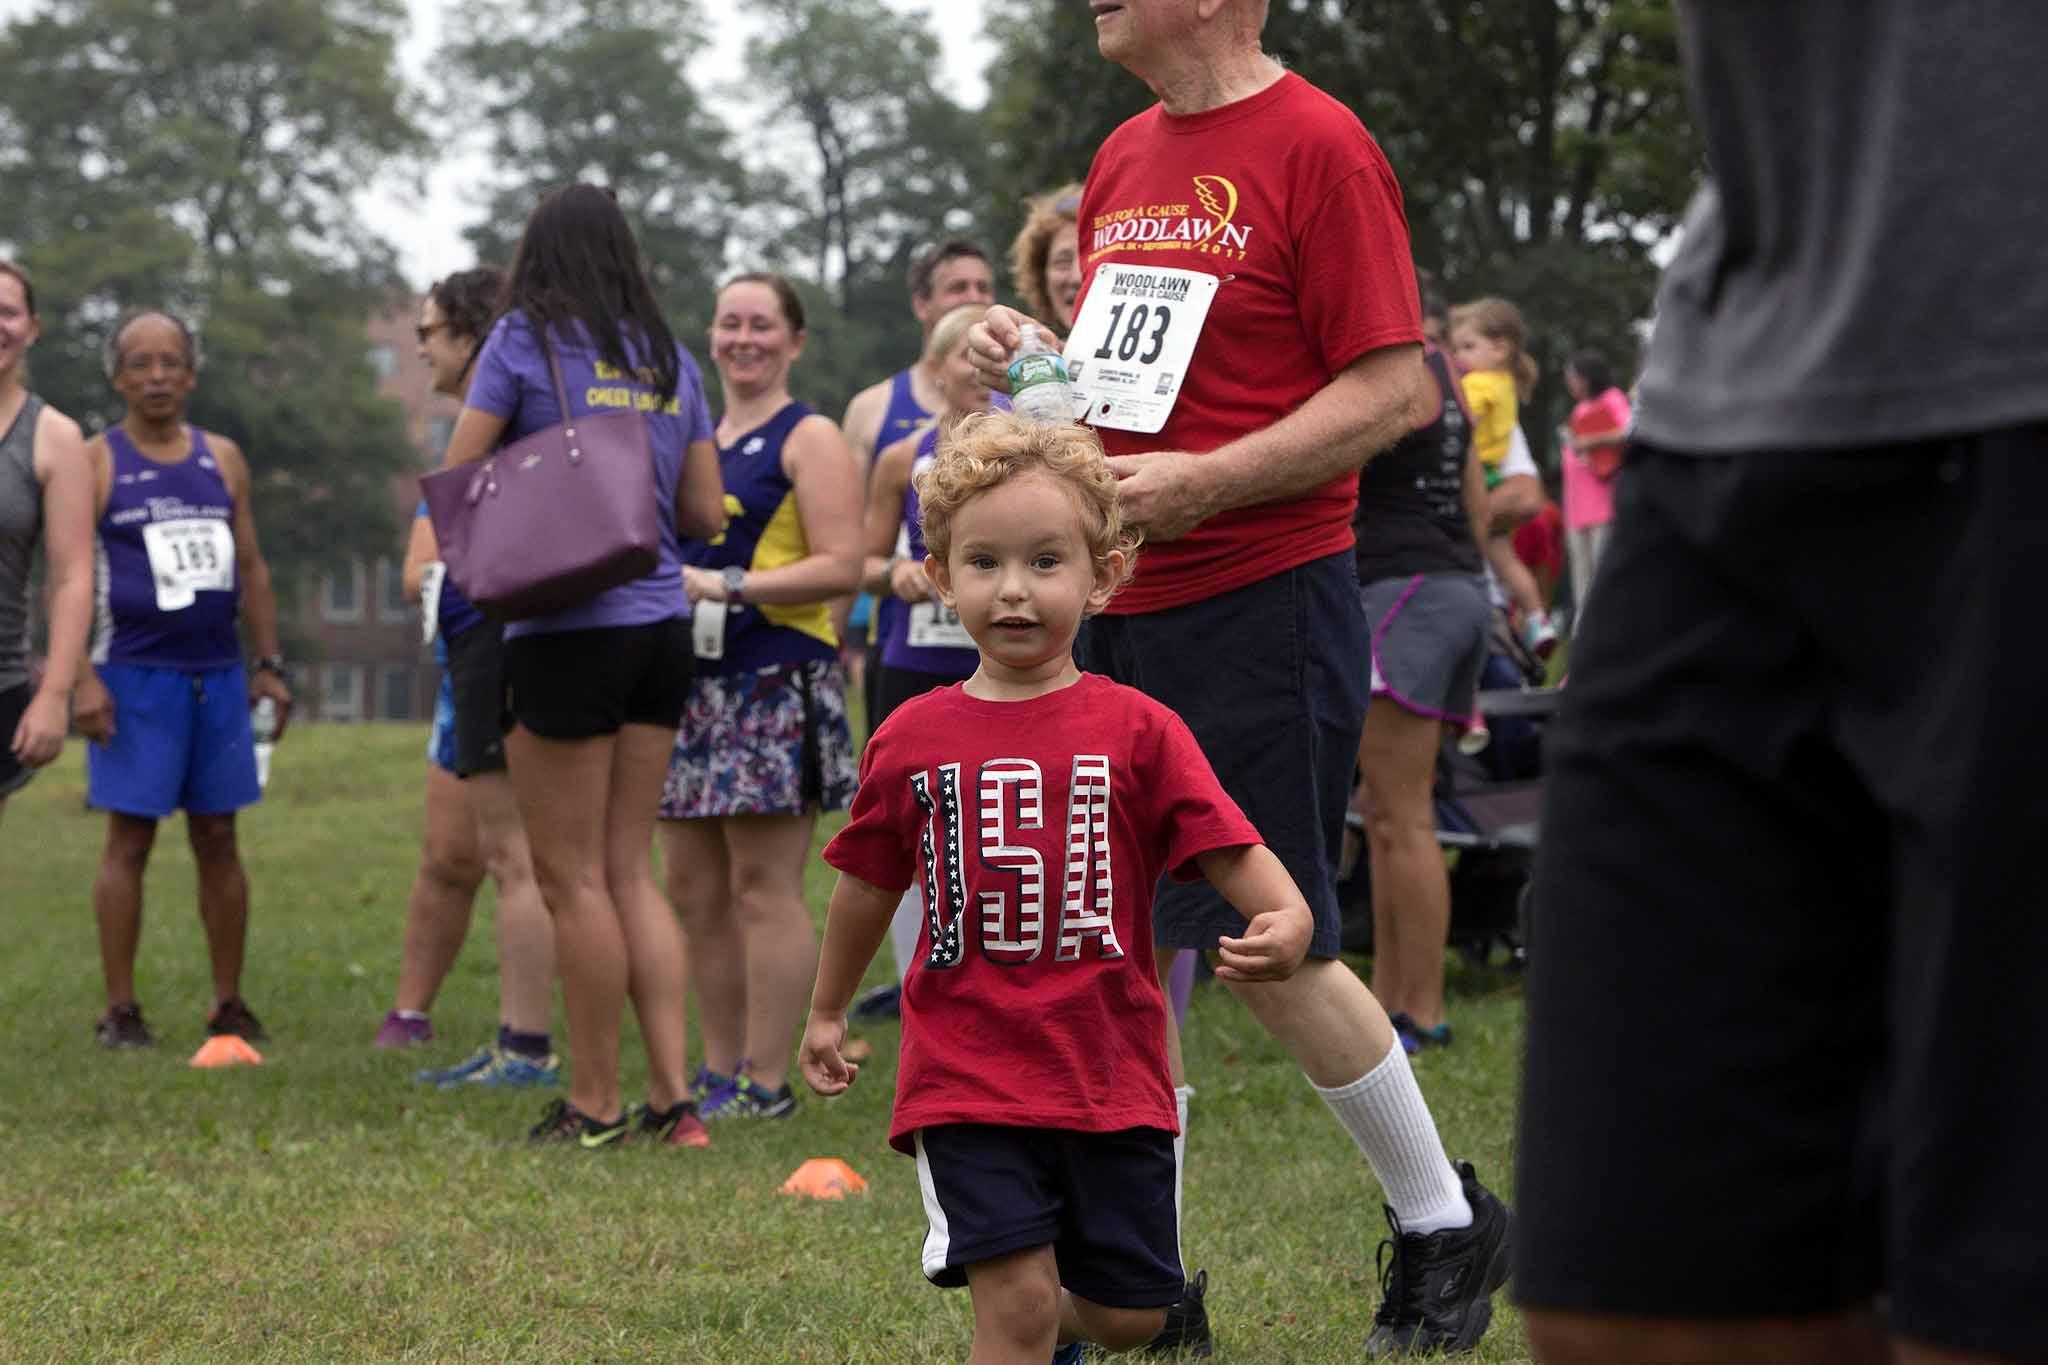 208-Woodlawn Run for a Cause-612.jpg